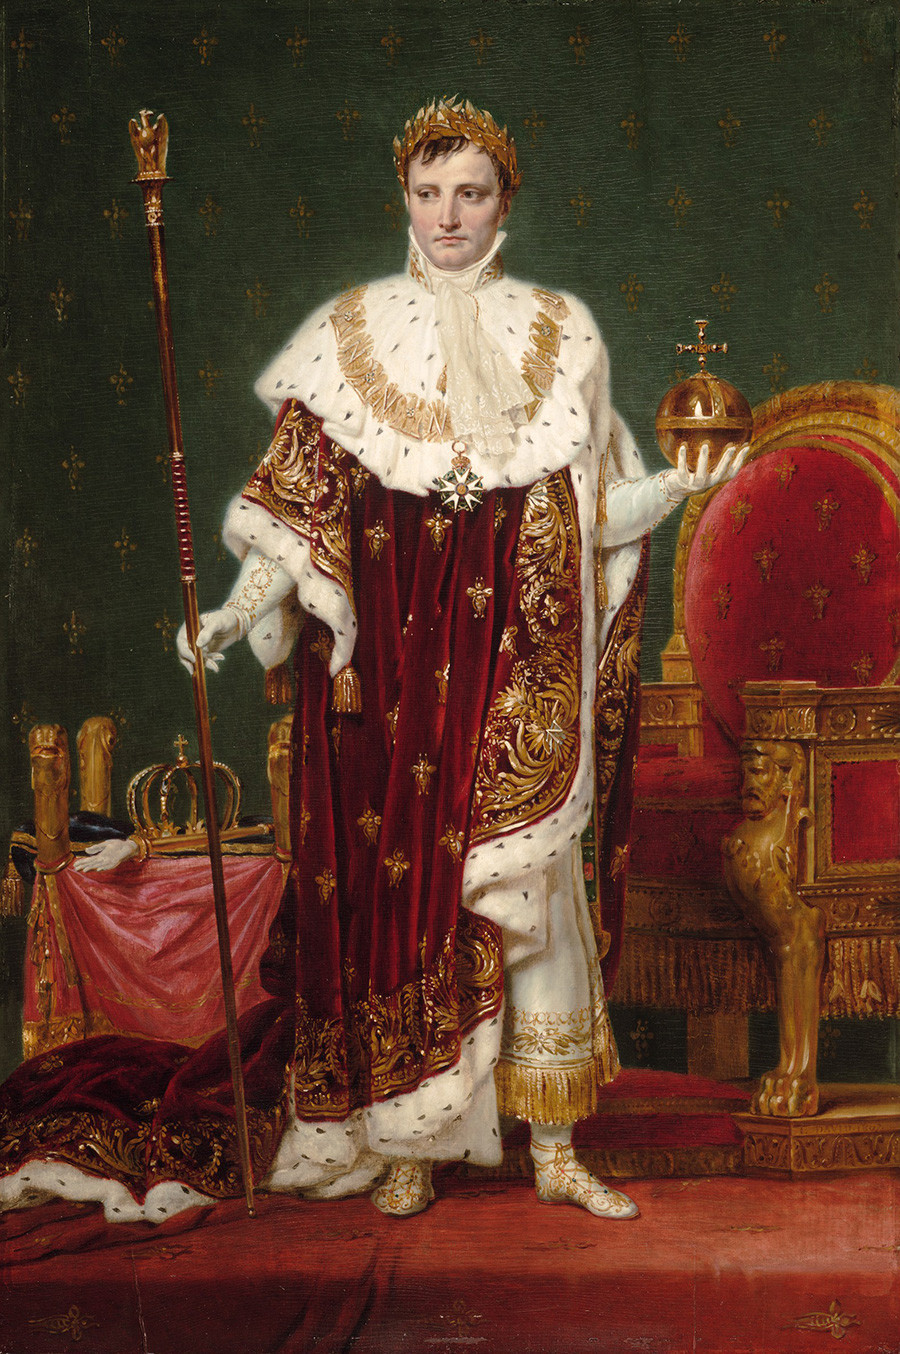 Императорот Наполеон Први (1769-1812), Жак-Луј Давид, 1807 година.